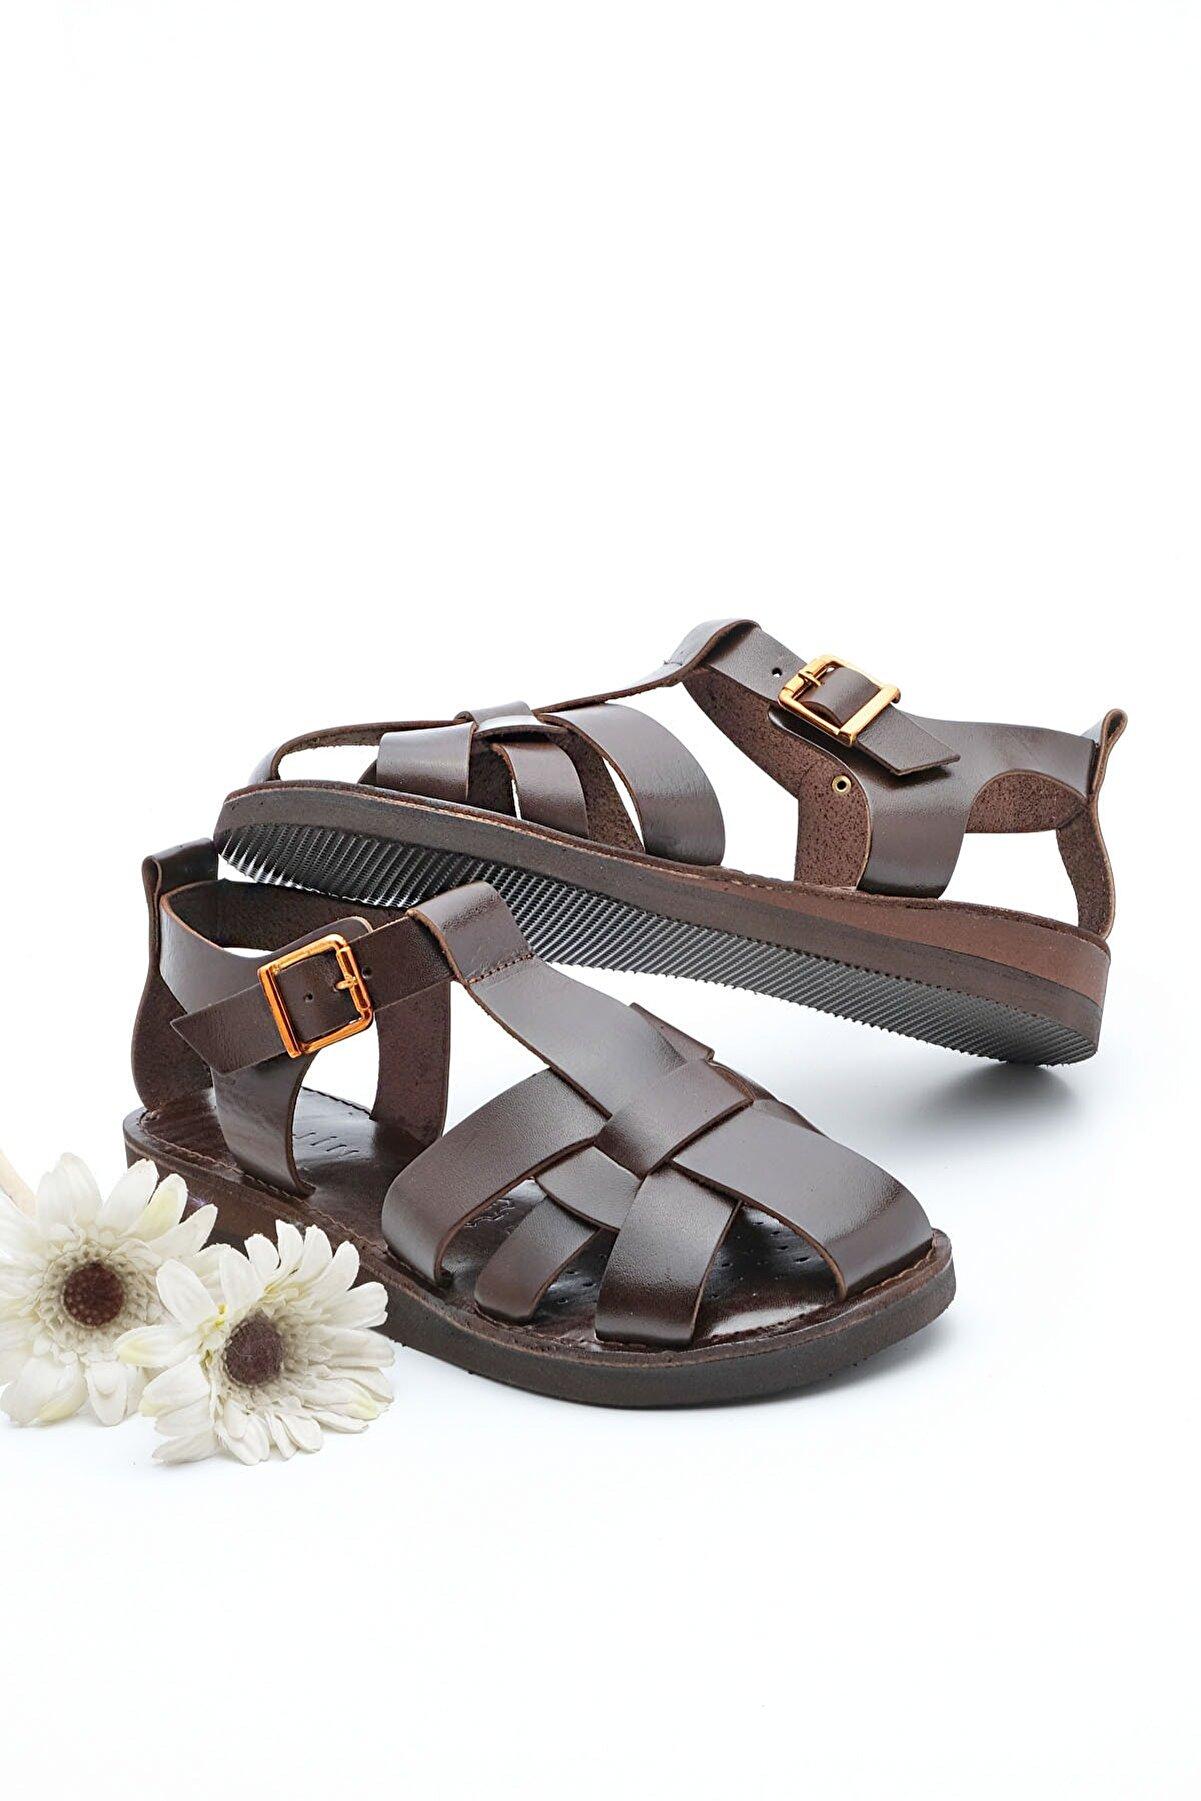 Marjin Kadın Hakiki Deri Sandalet Olinkahve